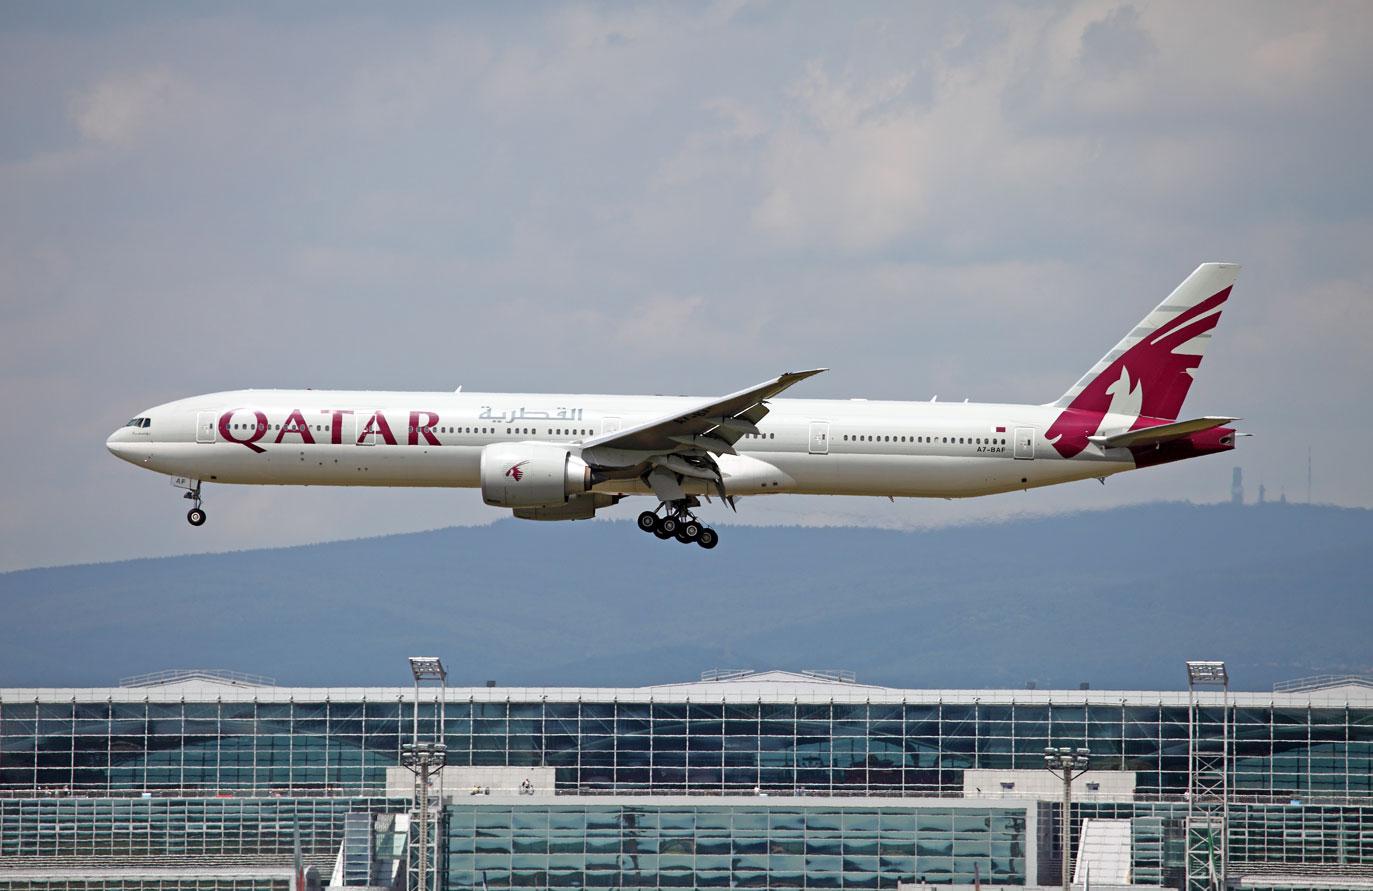 Qatar Airways Boeing 777-300 ER